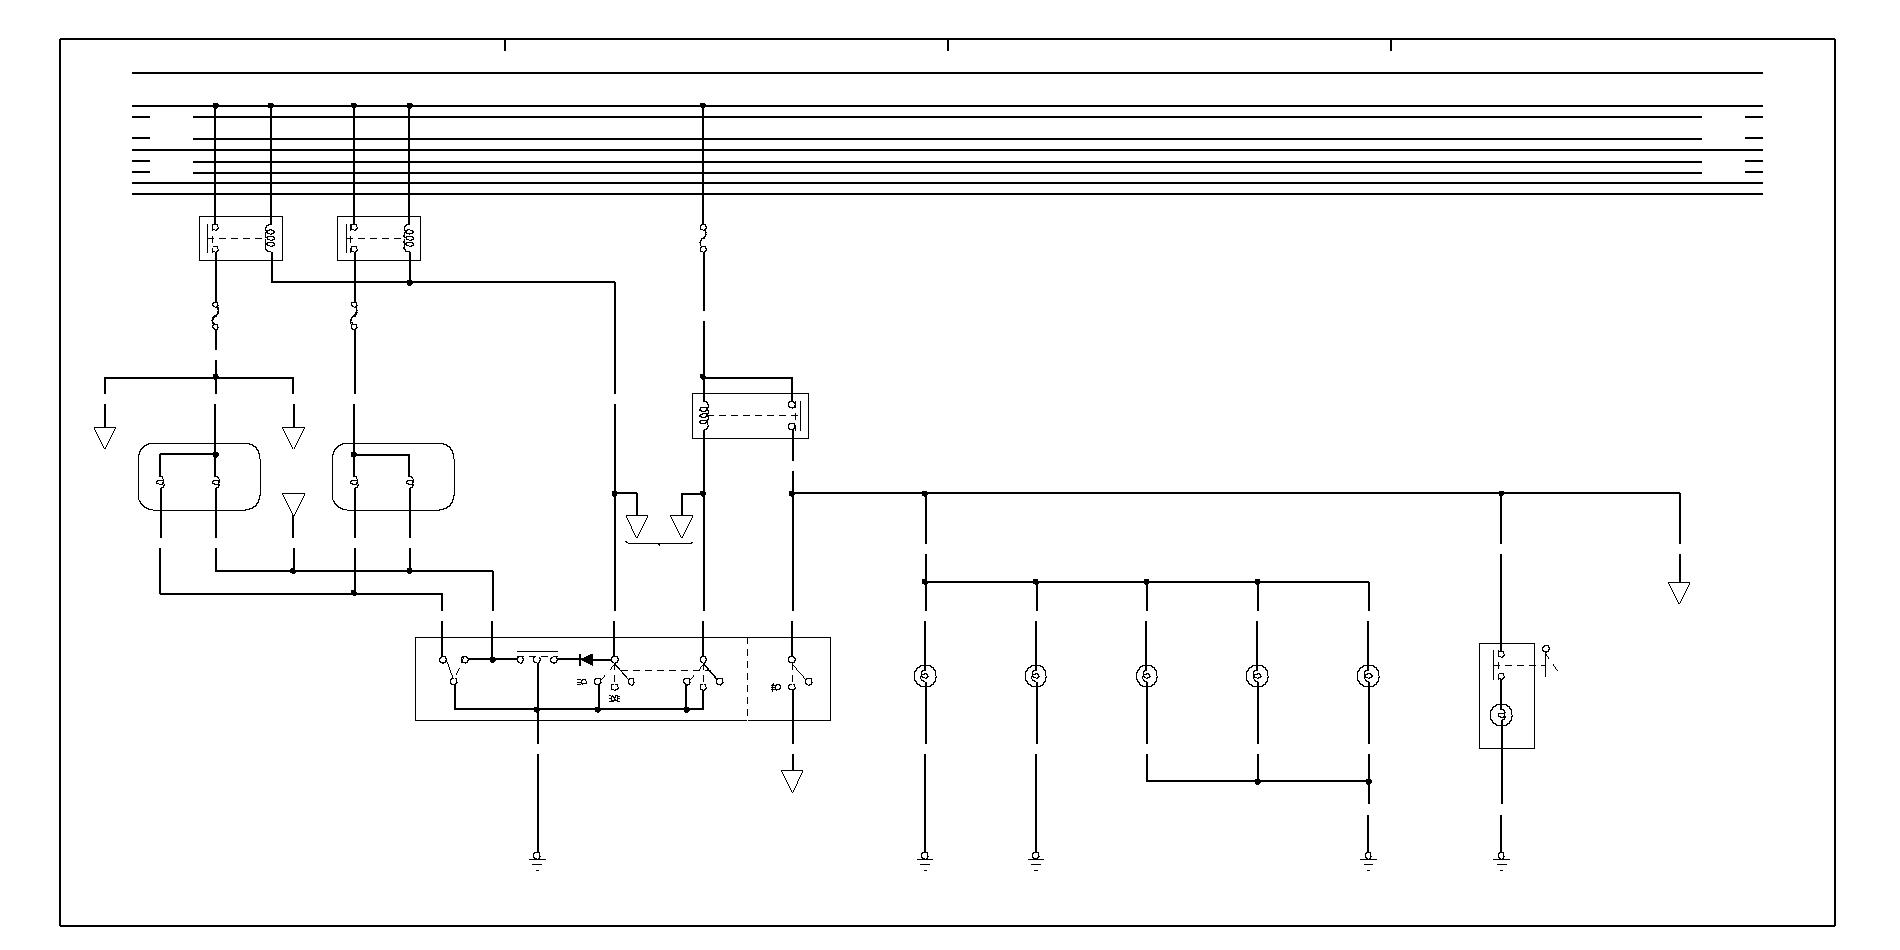 2004 Honda Crv Wiring Diagram 97 Honda Civic Fuse Box Diagram Wiring Diagram Schematics